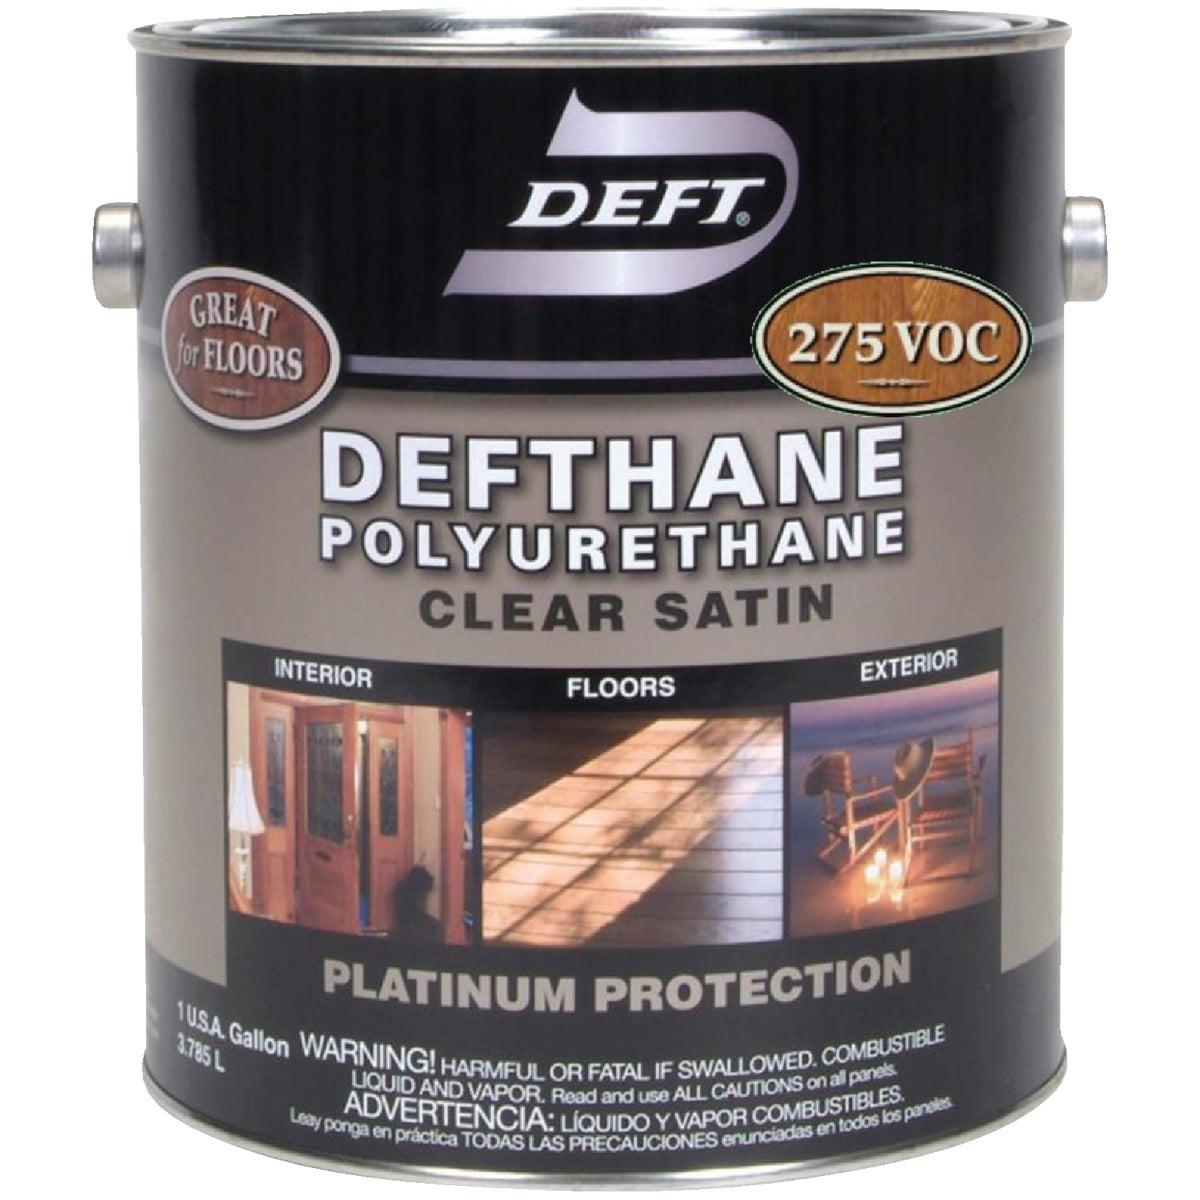 GAL VOC SATIN DEFTHANE - DFT26/01 by Deft